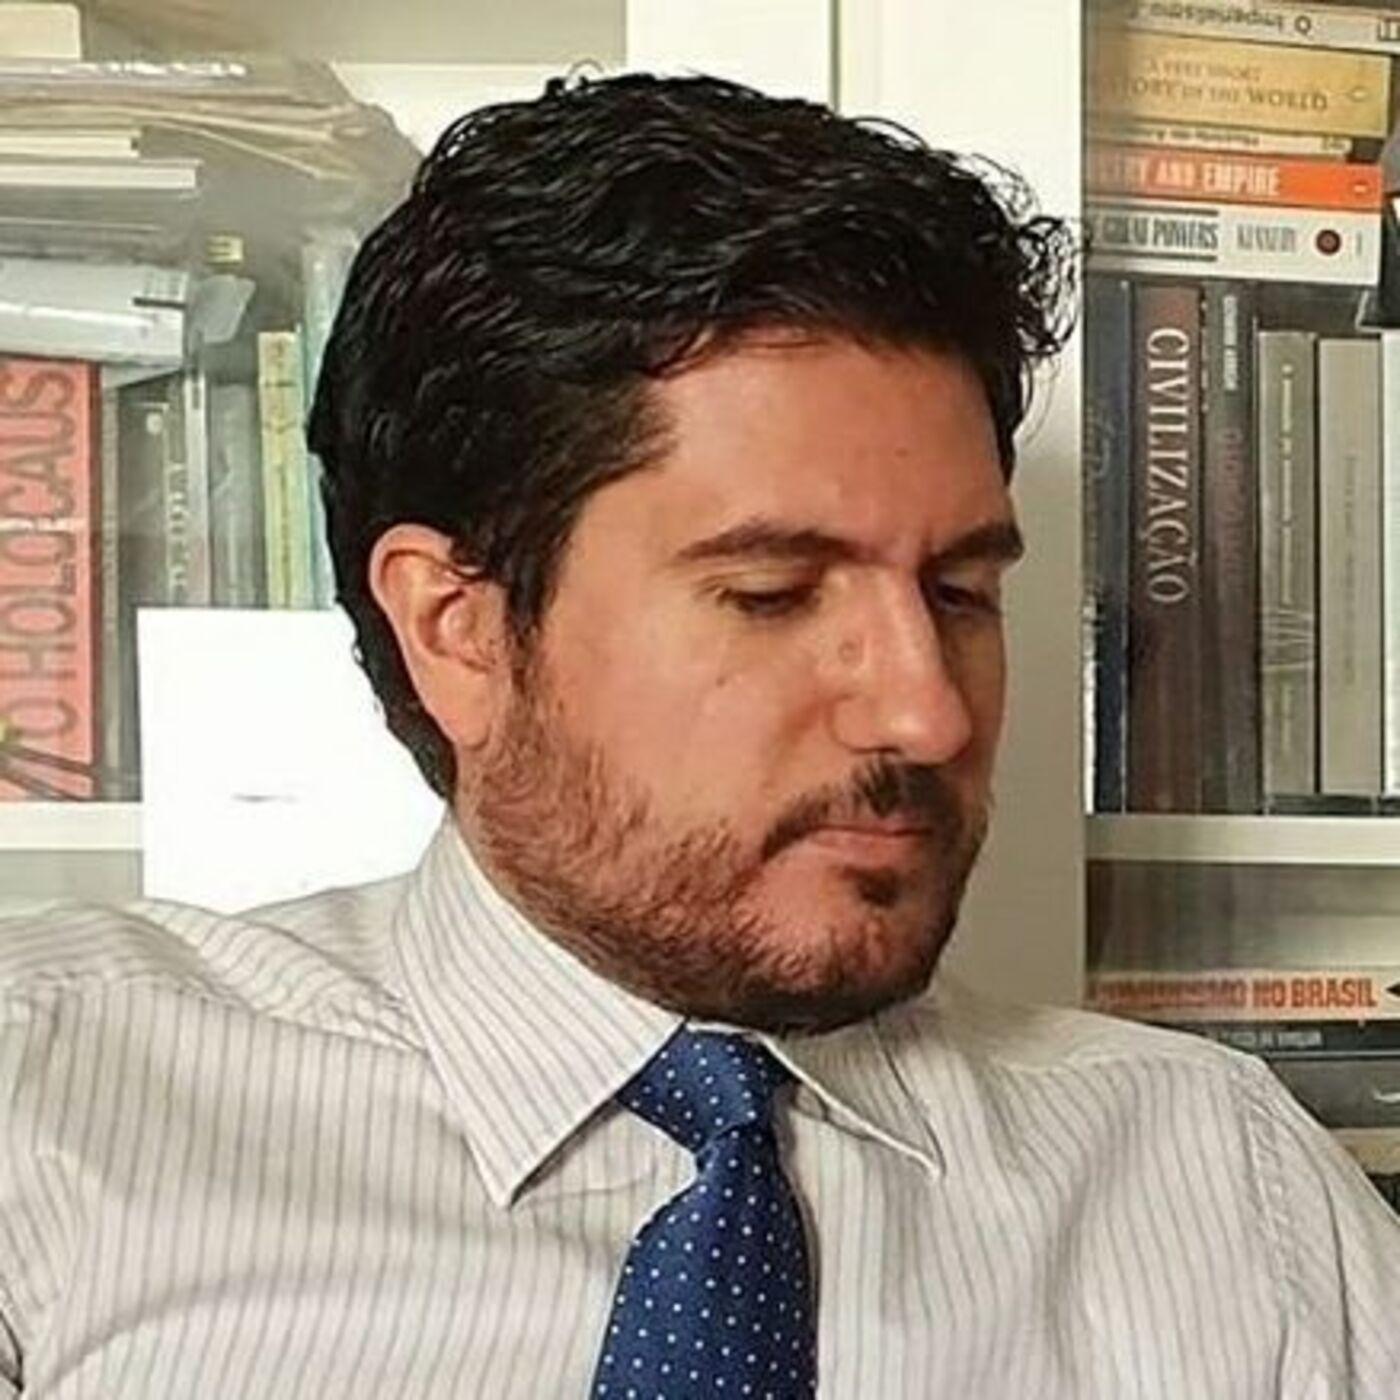 15. Guilherme Cararões on Bolsonaro in Brazil